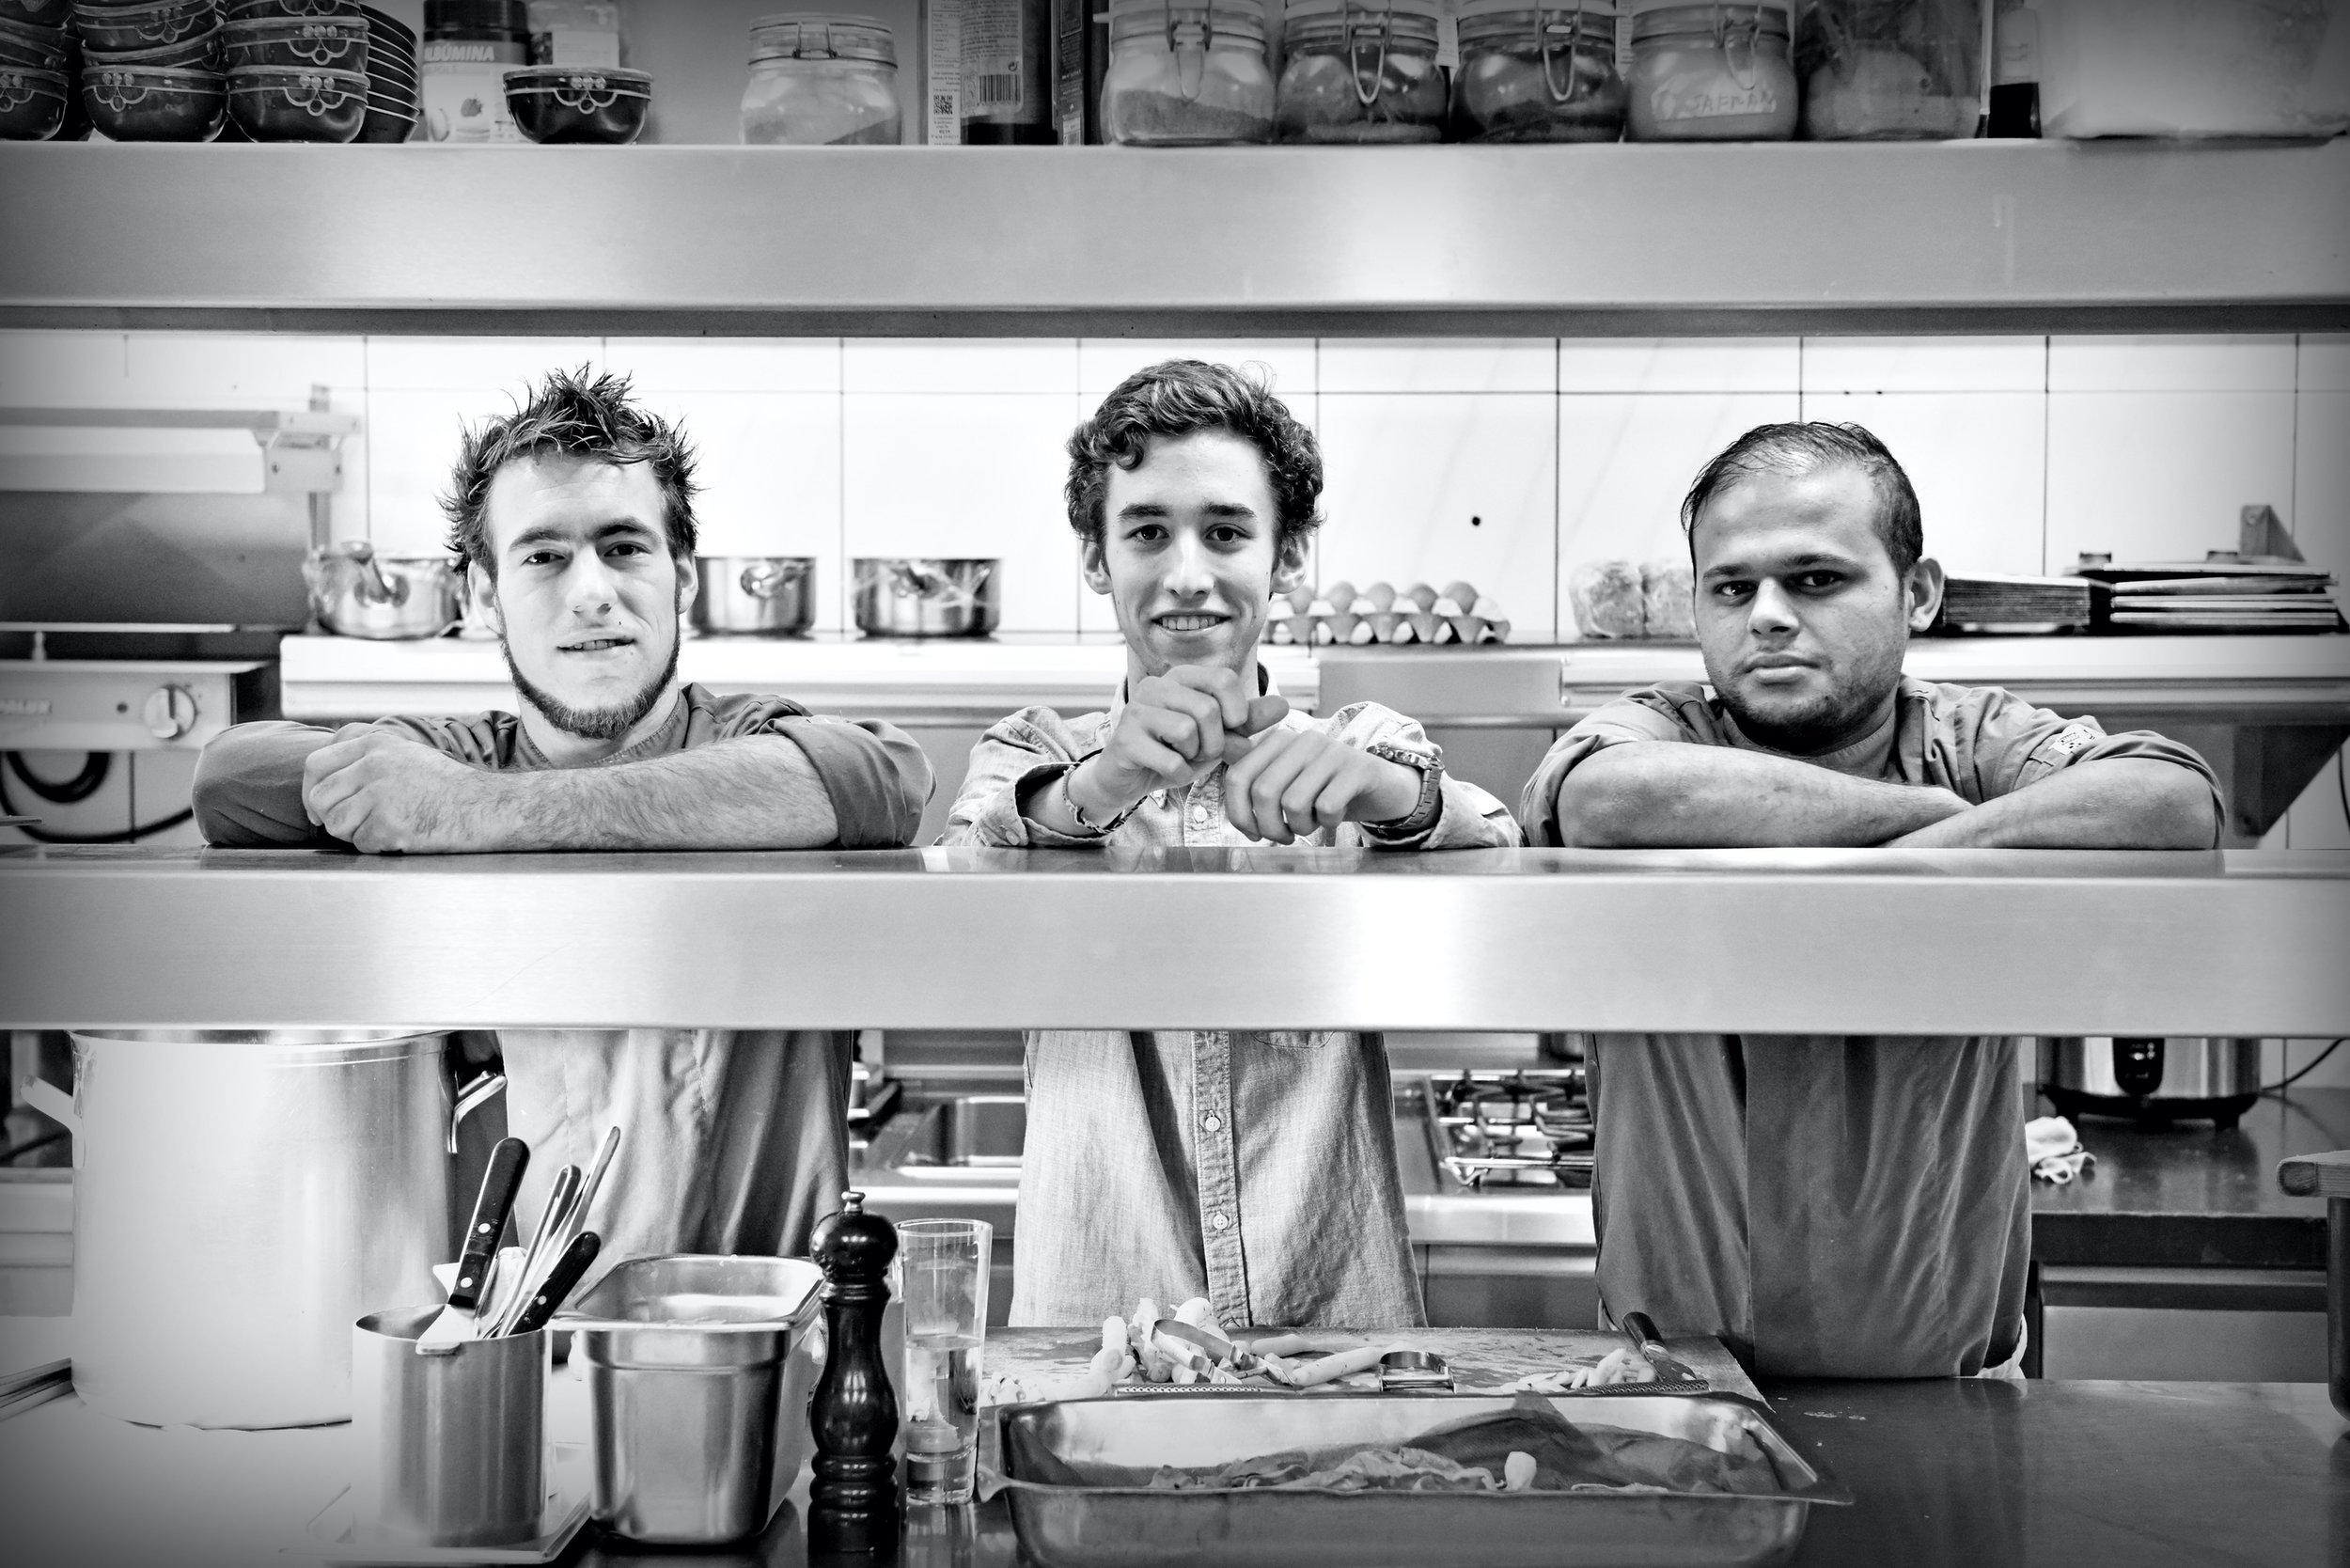 1 la guera knokke restaurant bart albrecht tablefever fotograaf foodfotograaf.jpg